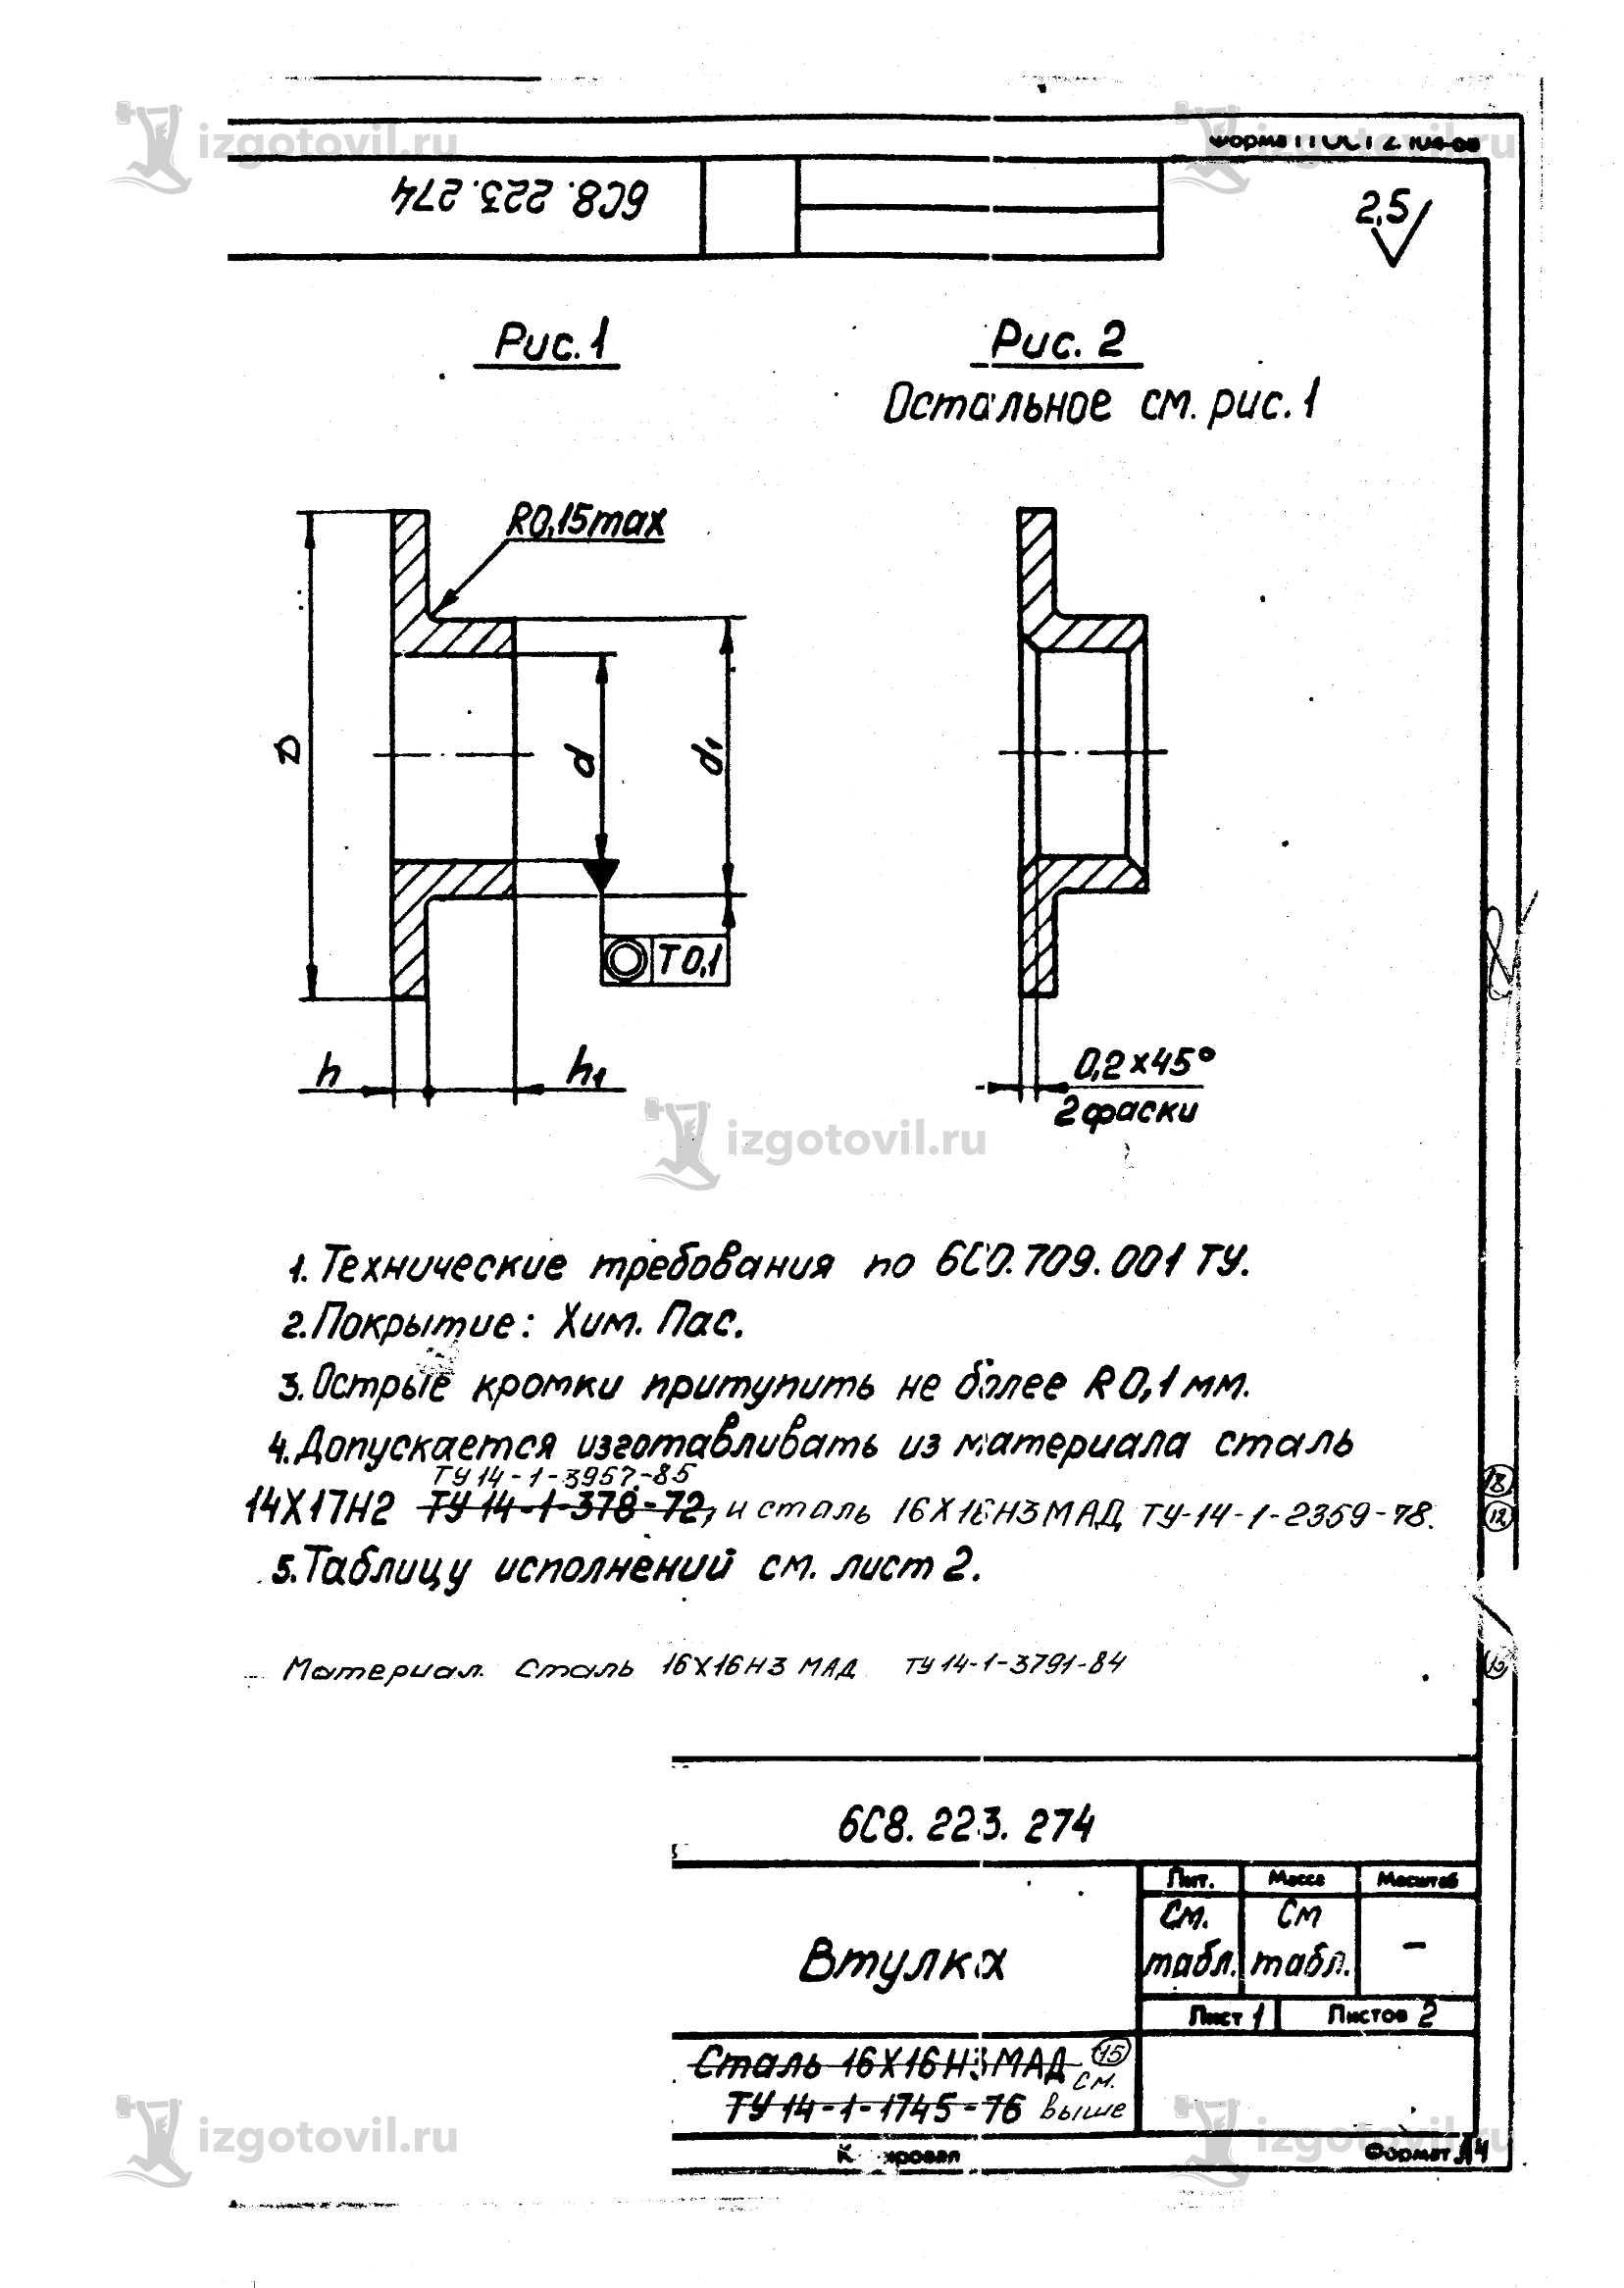 Токарная обработка стали )втулки, заклепки)